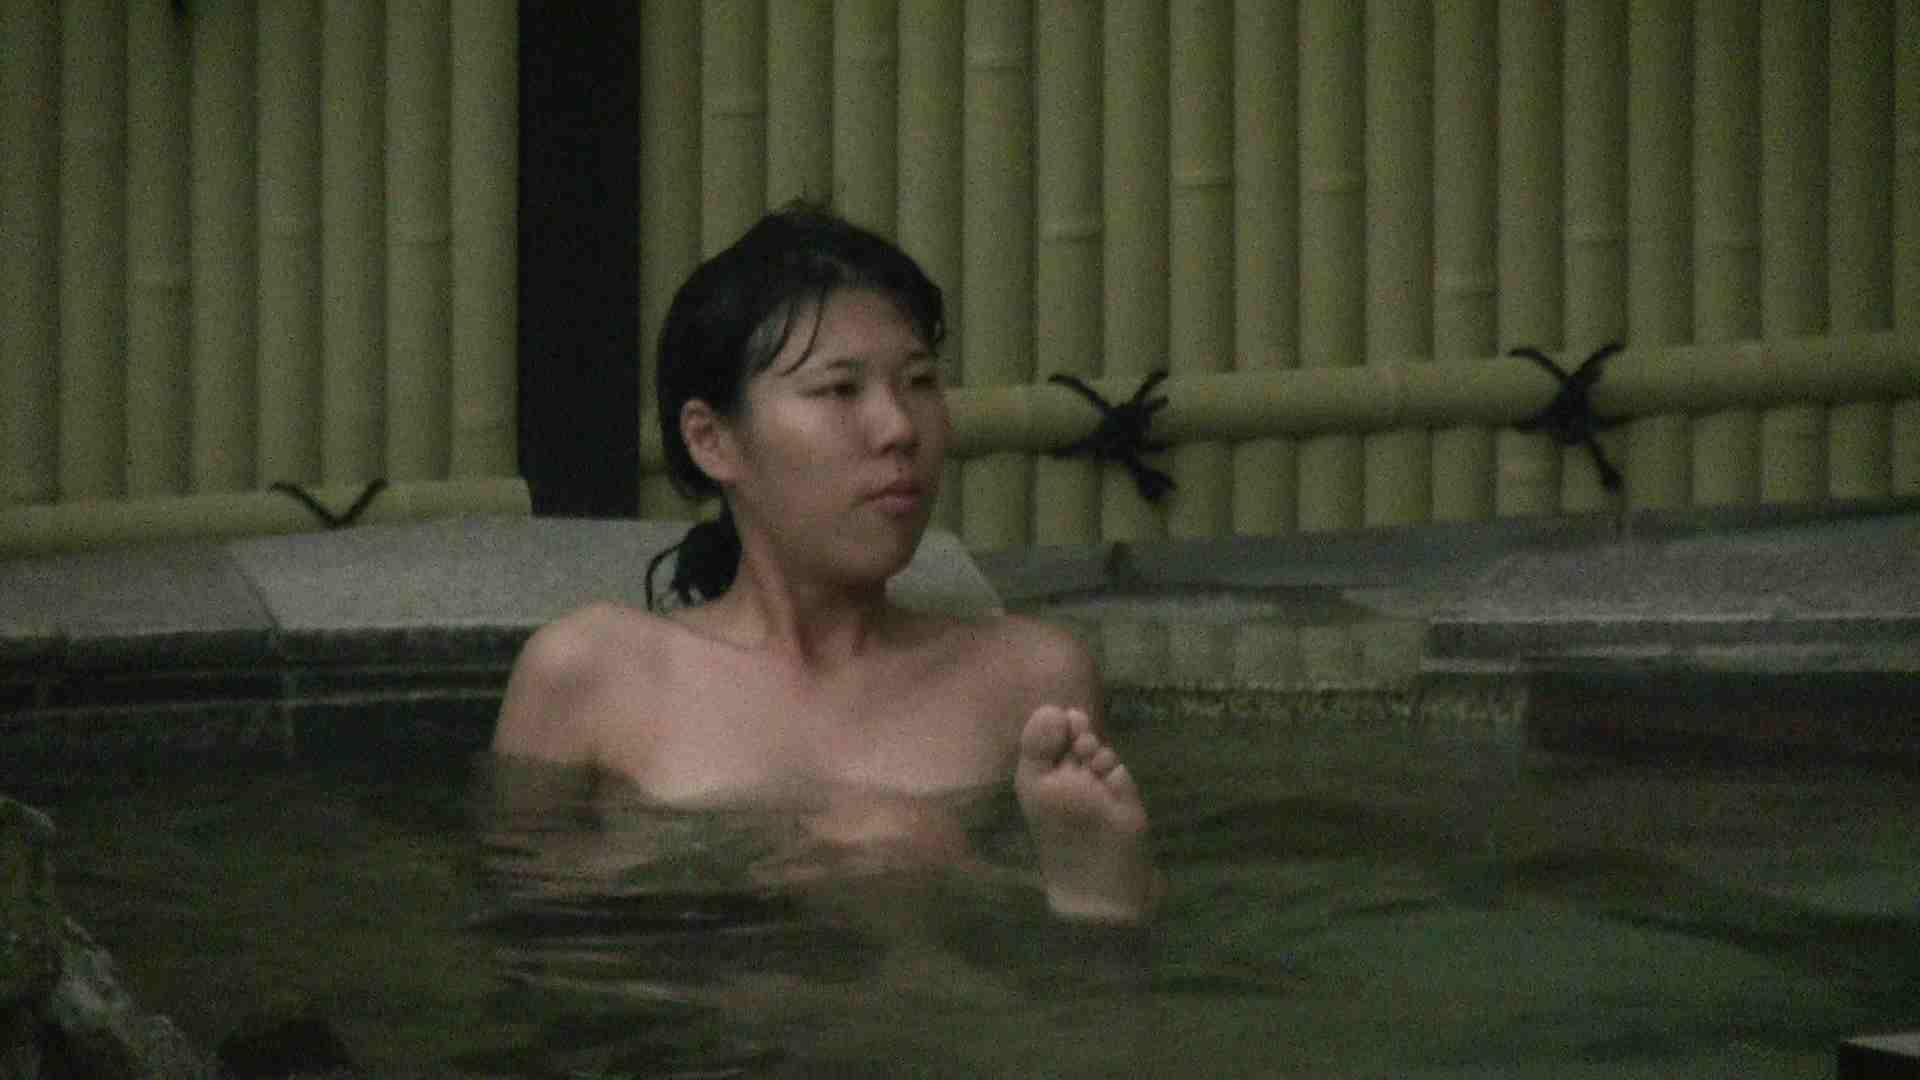 Aquaな露天風呂Vol.215 盗撮 ヌード画像 70PICs 32